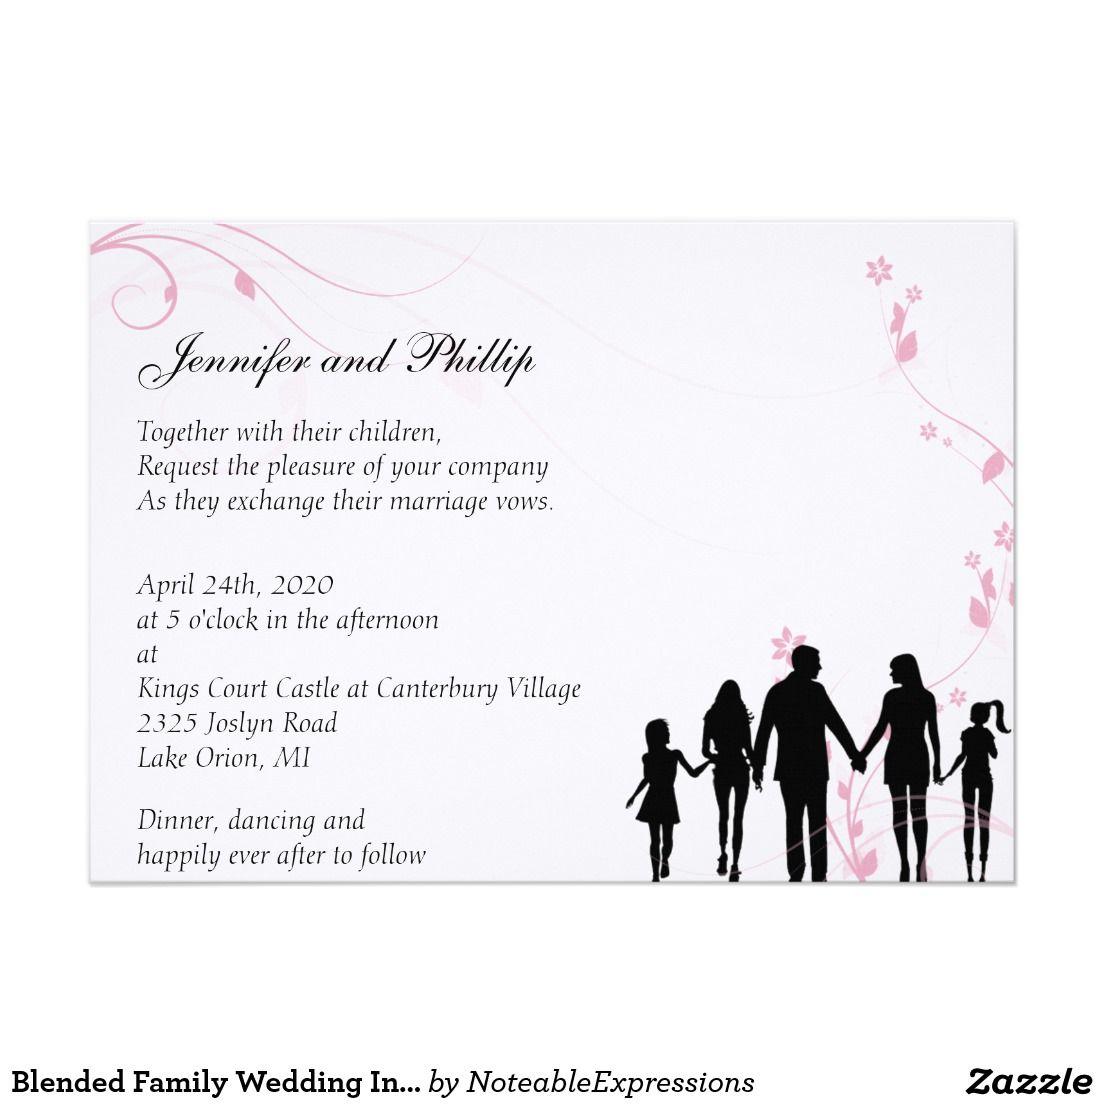 Blended Family Wedding Invitation | Pinterest | Blended family ...